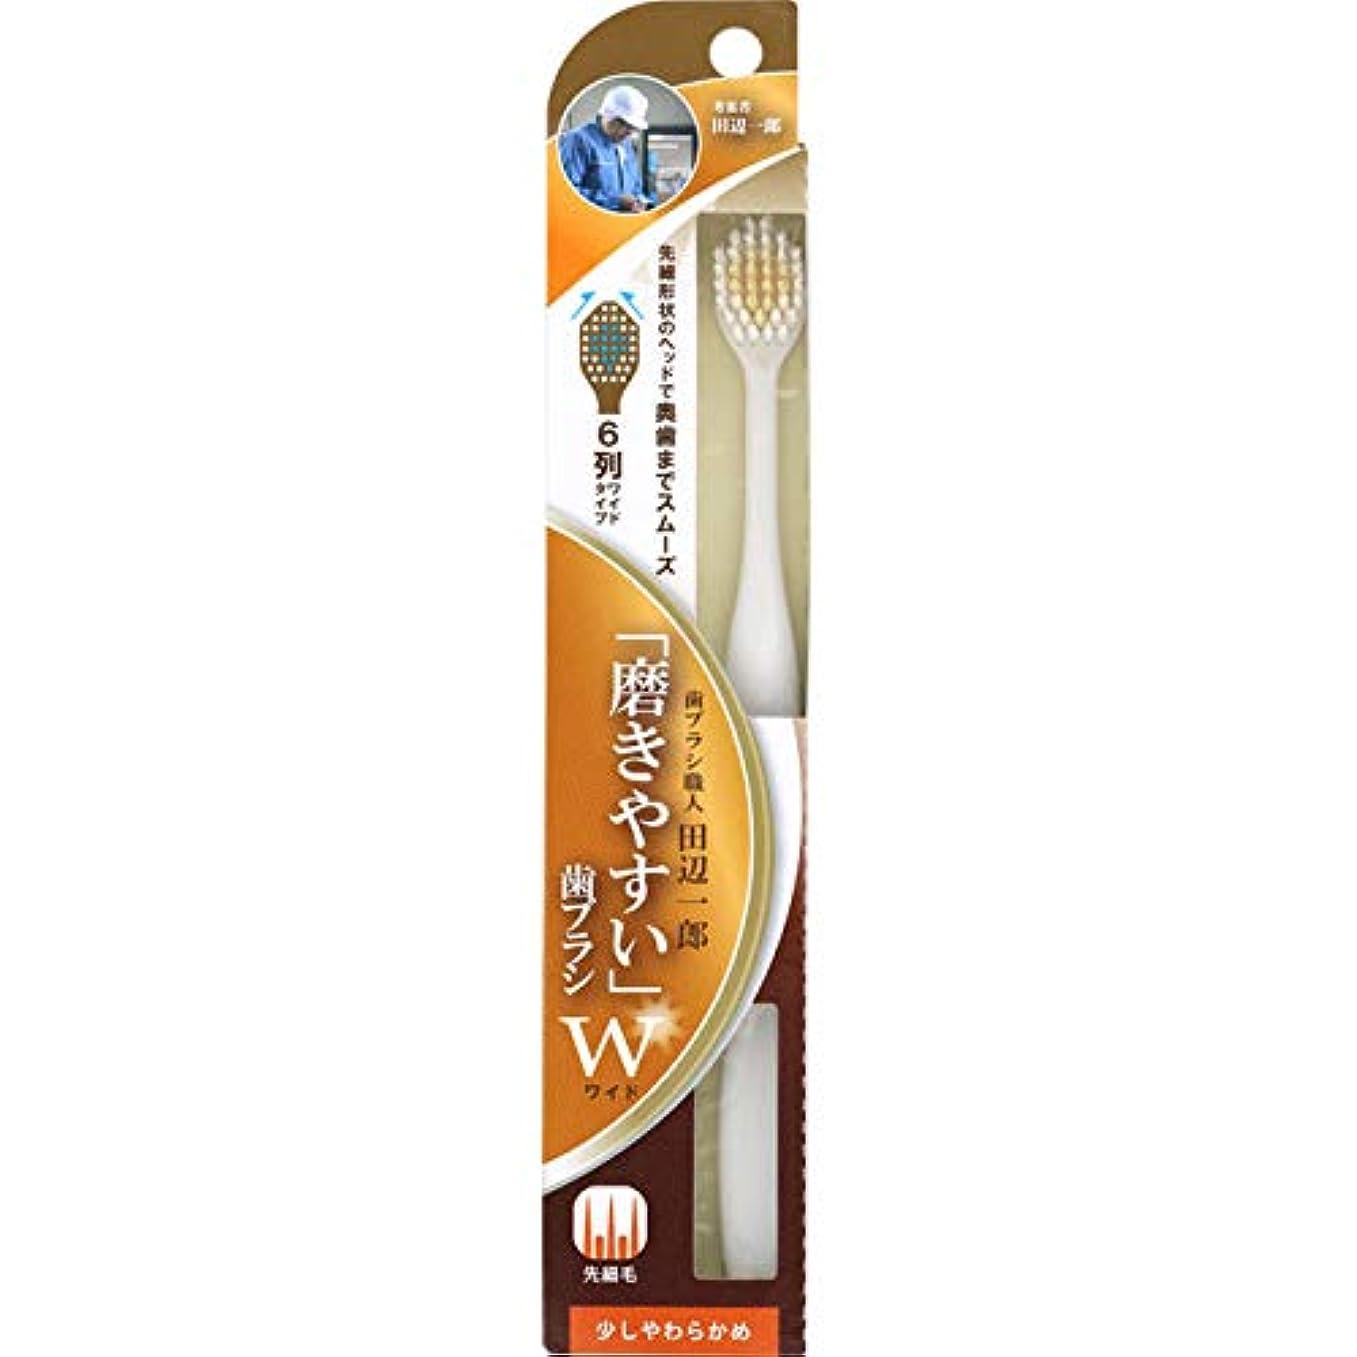 不健康テレックス明確にライフレンジ LT-46 磨きやすい歯ブラシ ワイド 少しやわらかめ 1本入 ※カラーは選べません。